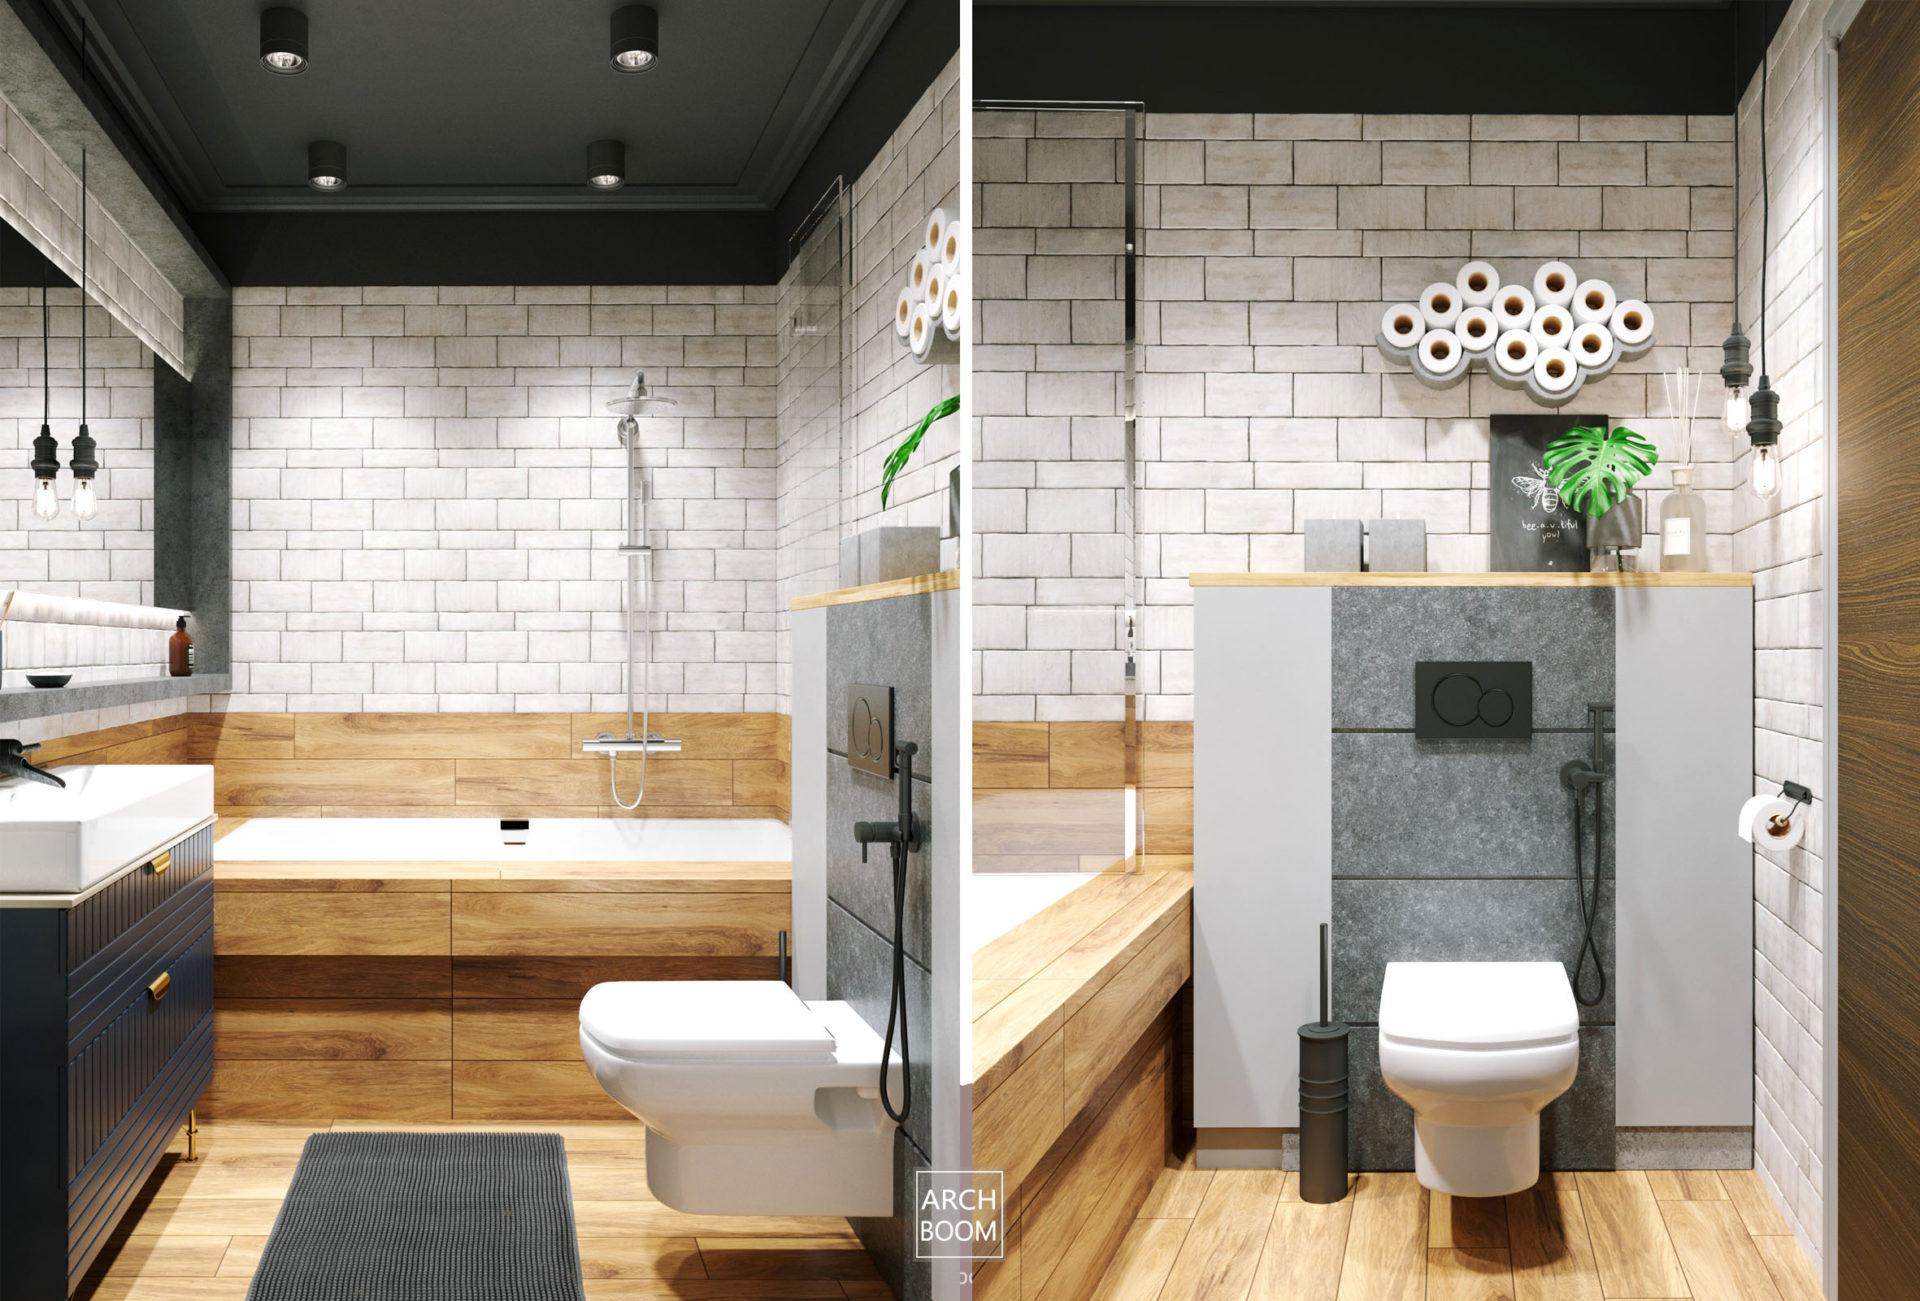 Płytki drewnopodobne i cegiełki w wystroju łazienki